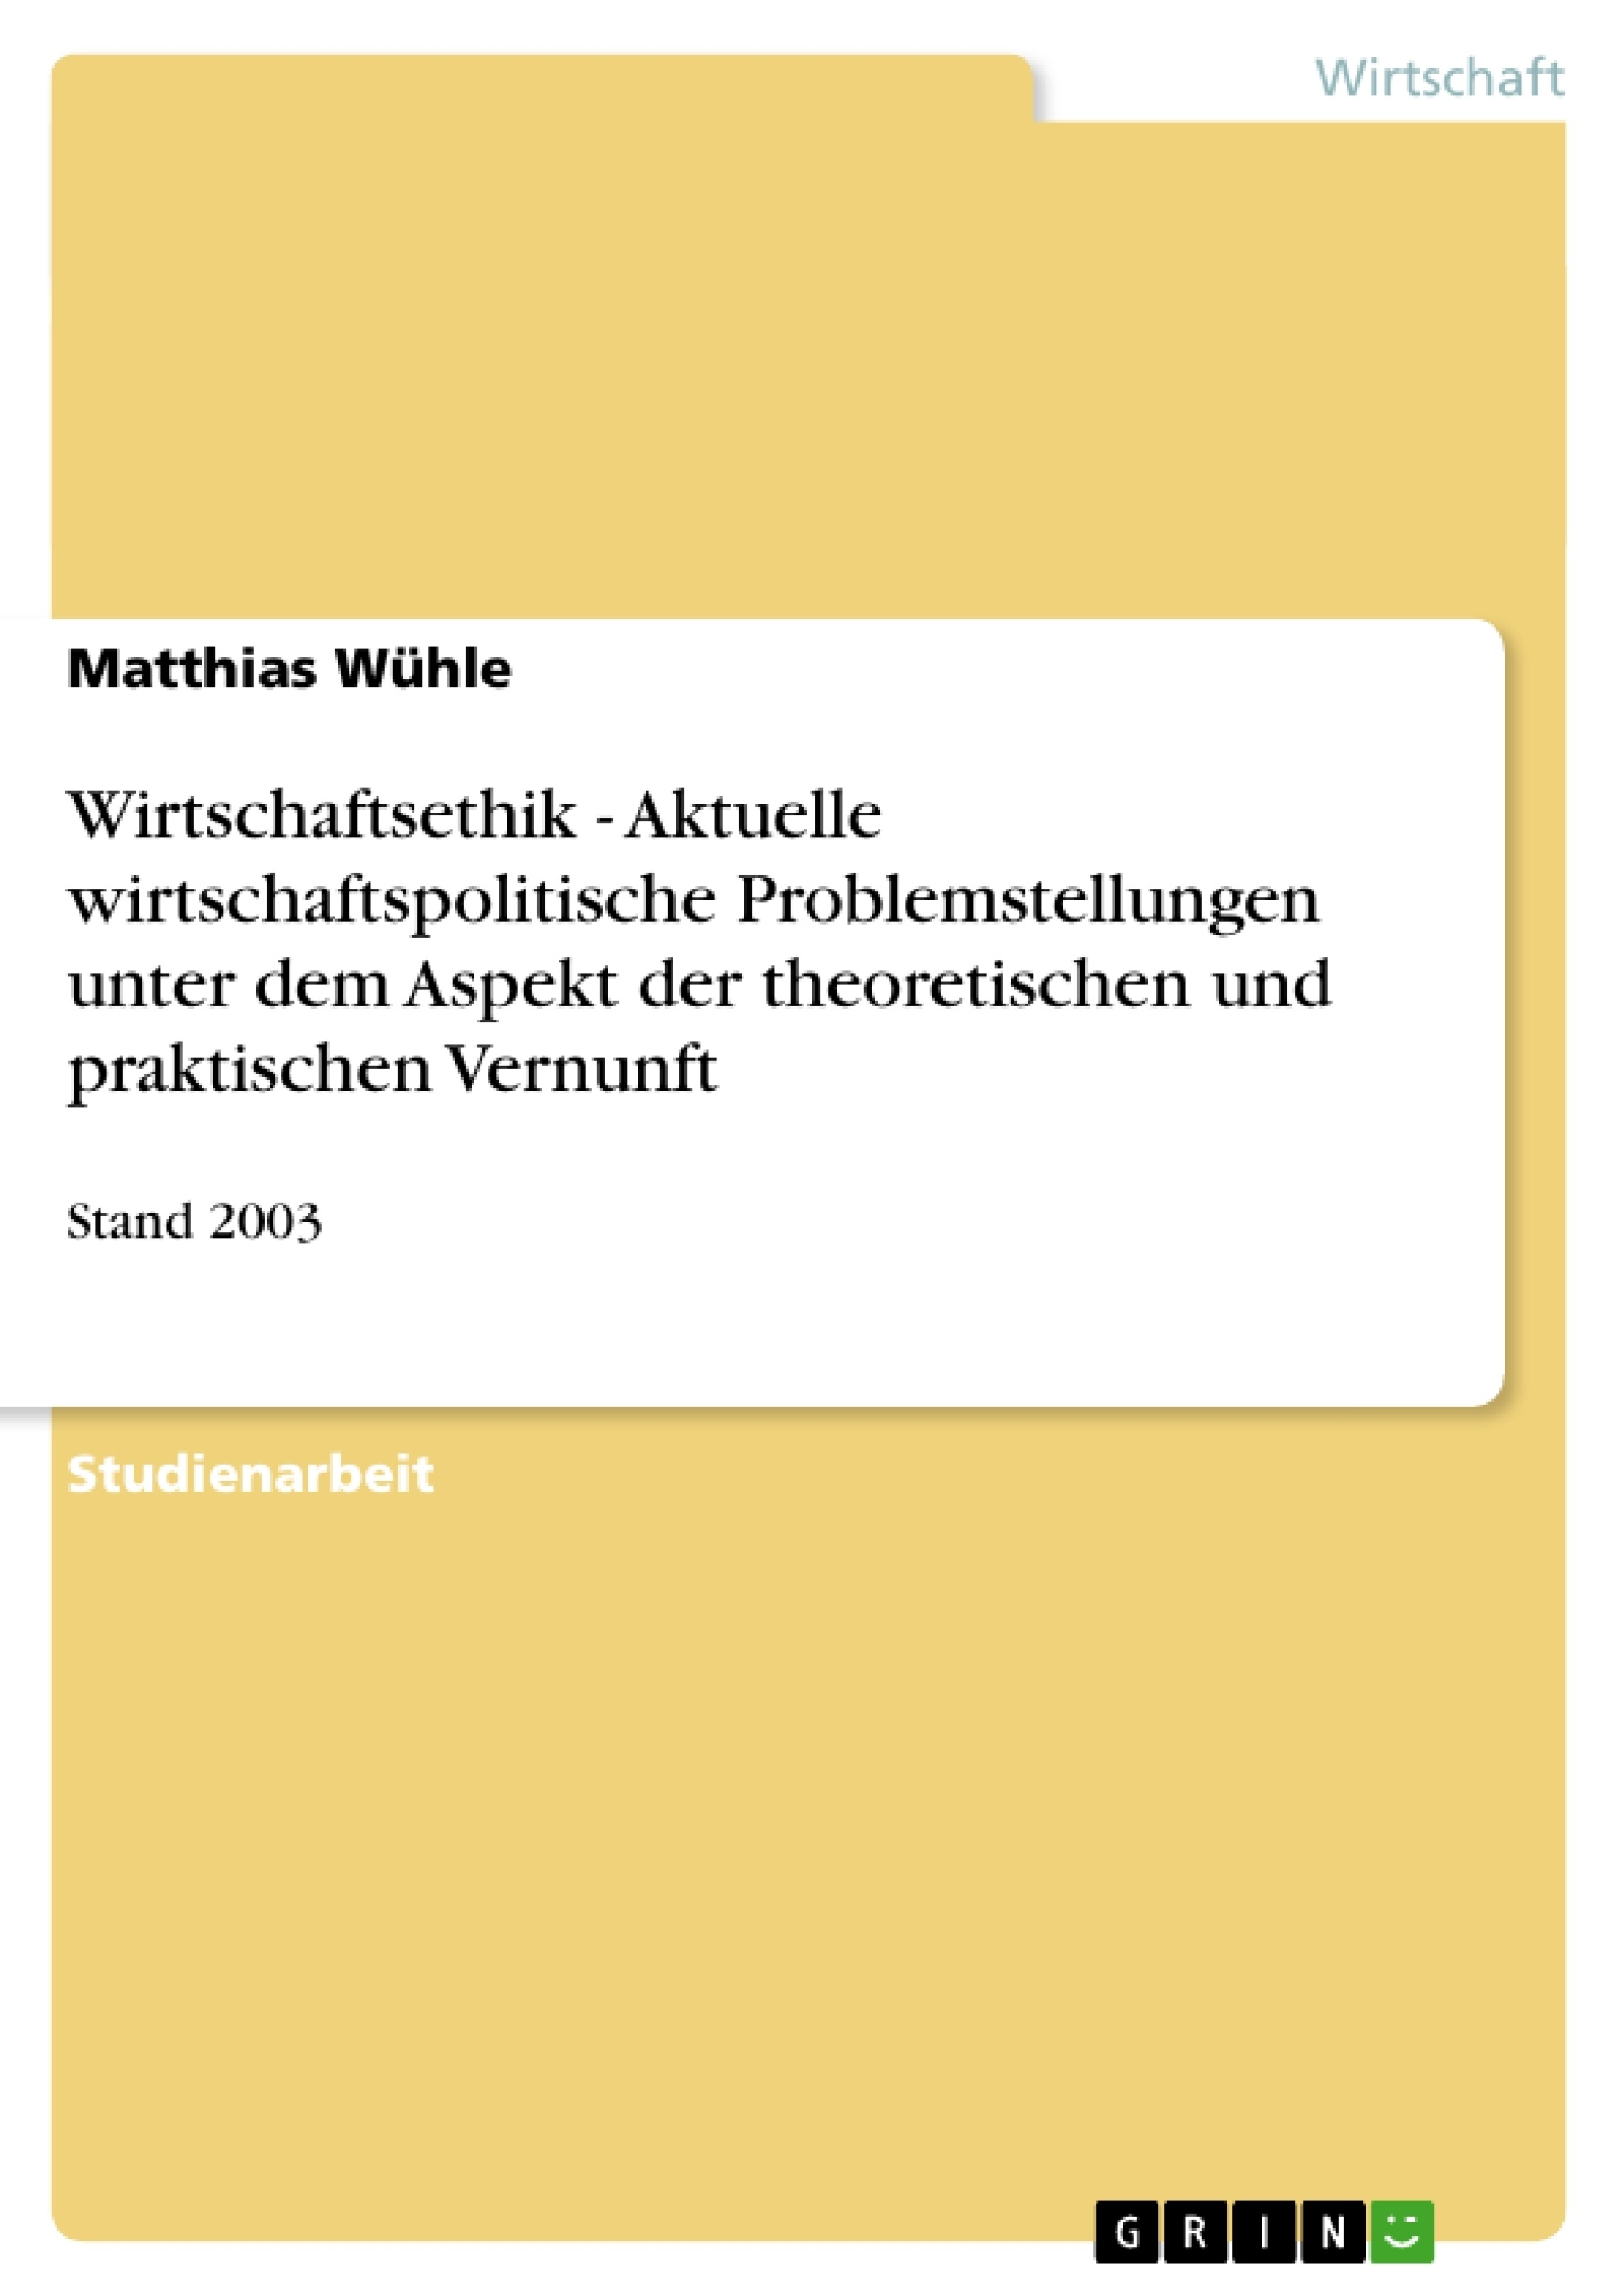 Titel: Wirtschaftsethik - Aktuelle wirtschaftspolitische Problemstellungen unter dem Aspekt der theoretischen und praktischen Vernunft